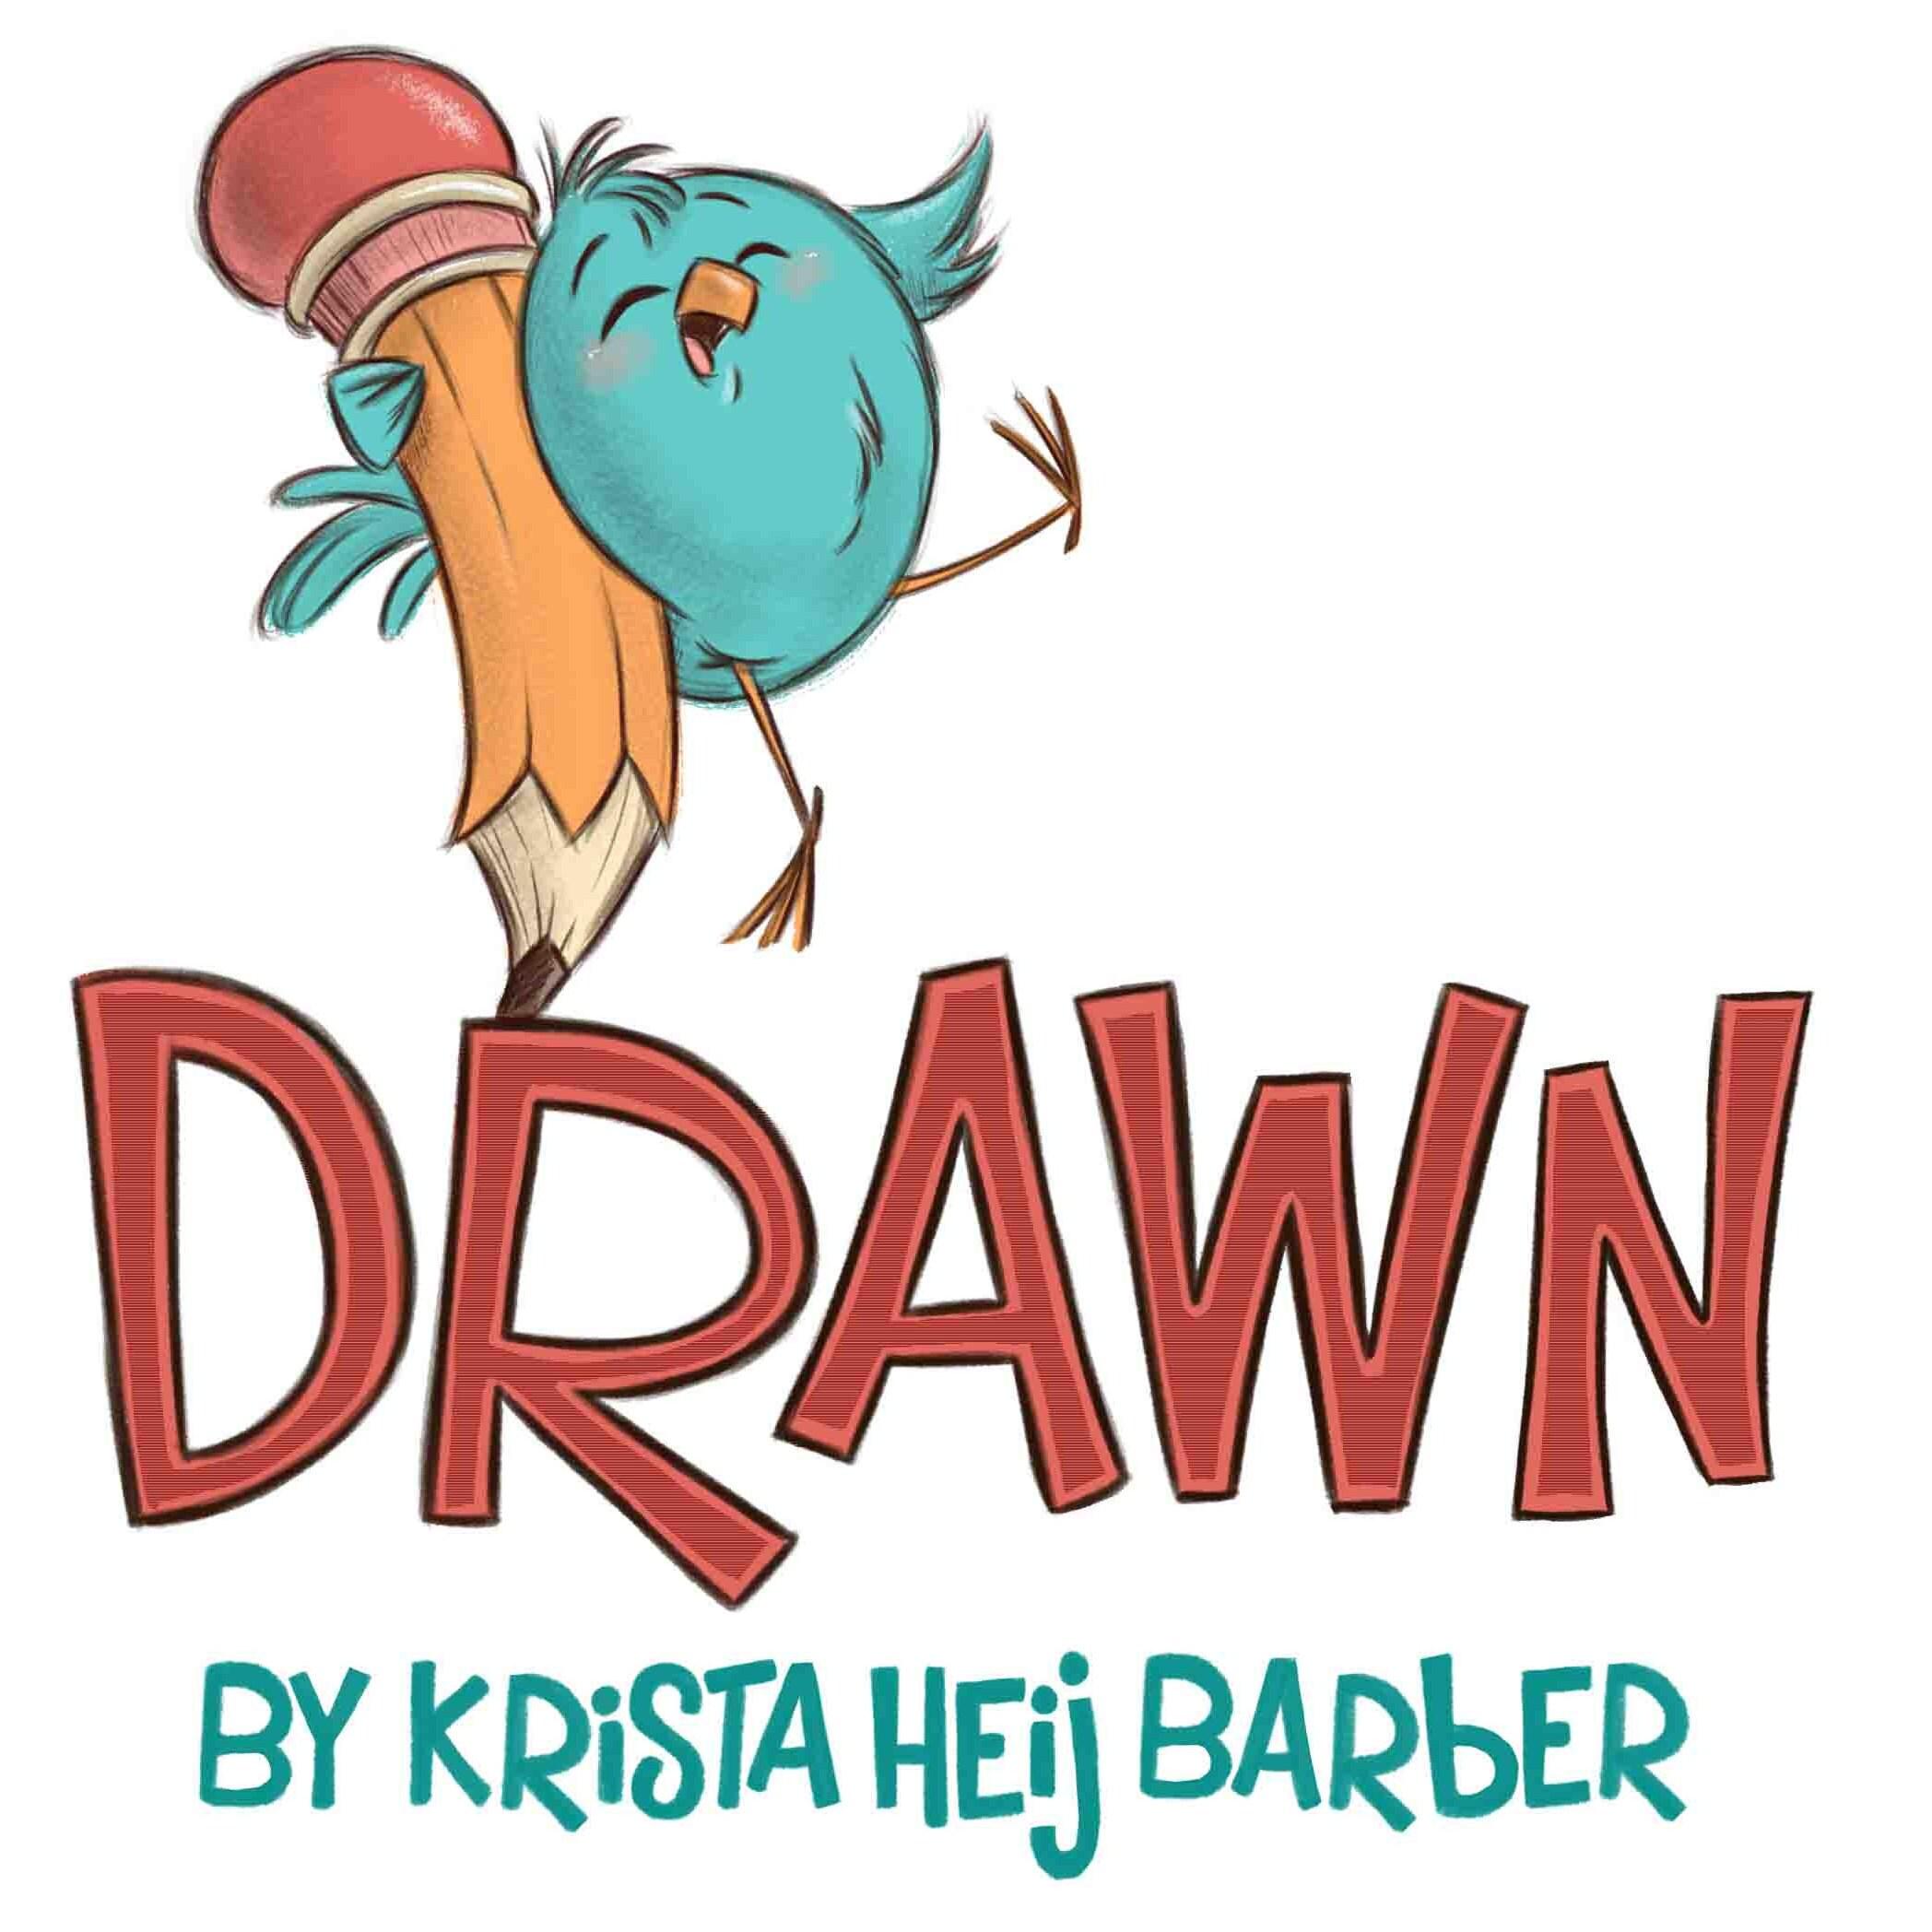 Cute digital images and printables von DrawnbyKrista auf Etsy